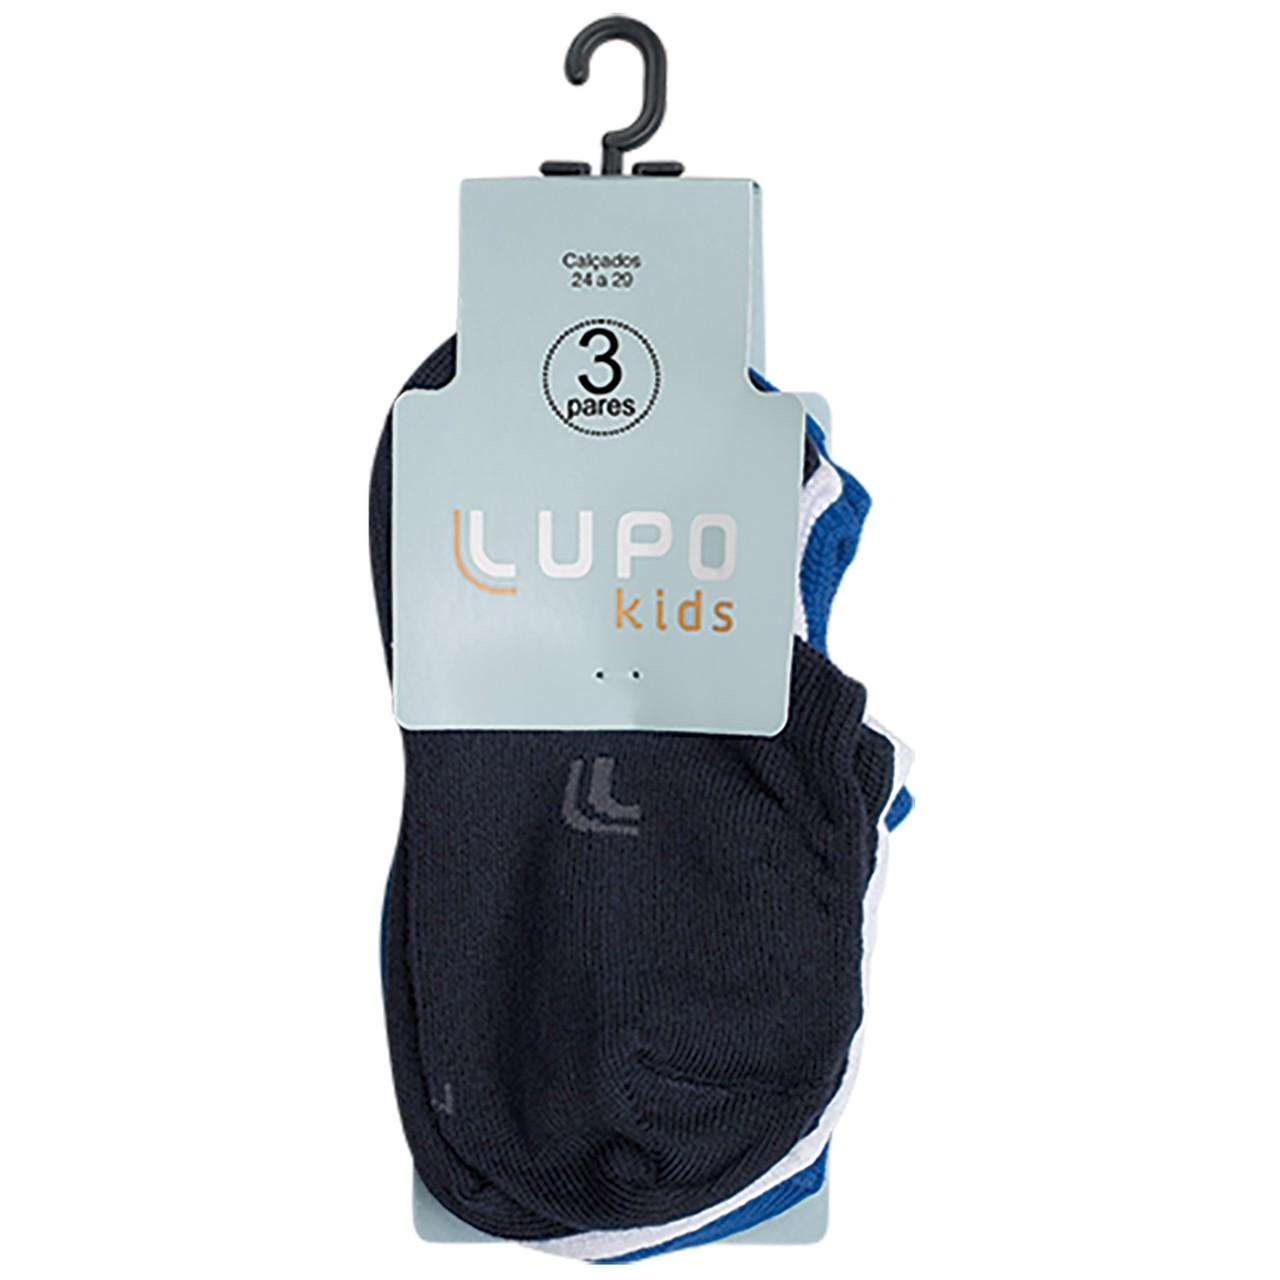 Kit meia infantil sapatilha 3 pares confortável cores lupo